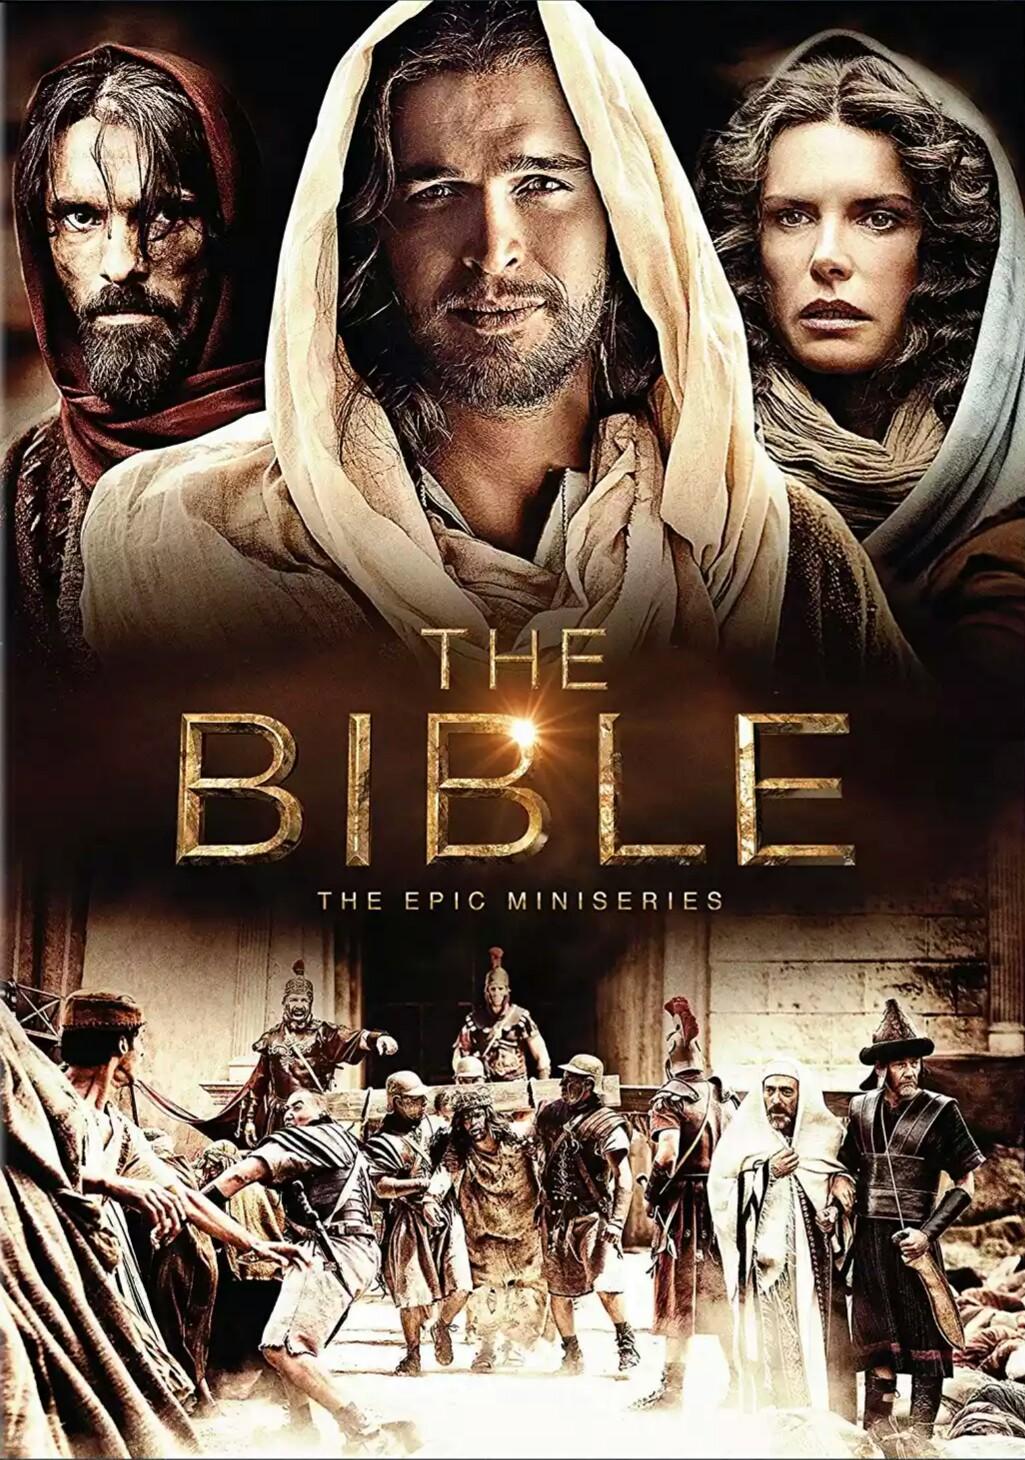 دانلود زیرنویس فارسی سریال The Bible